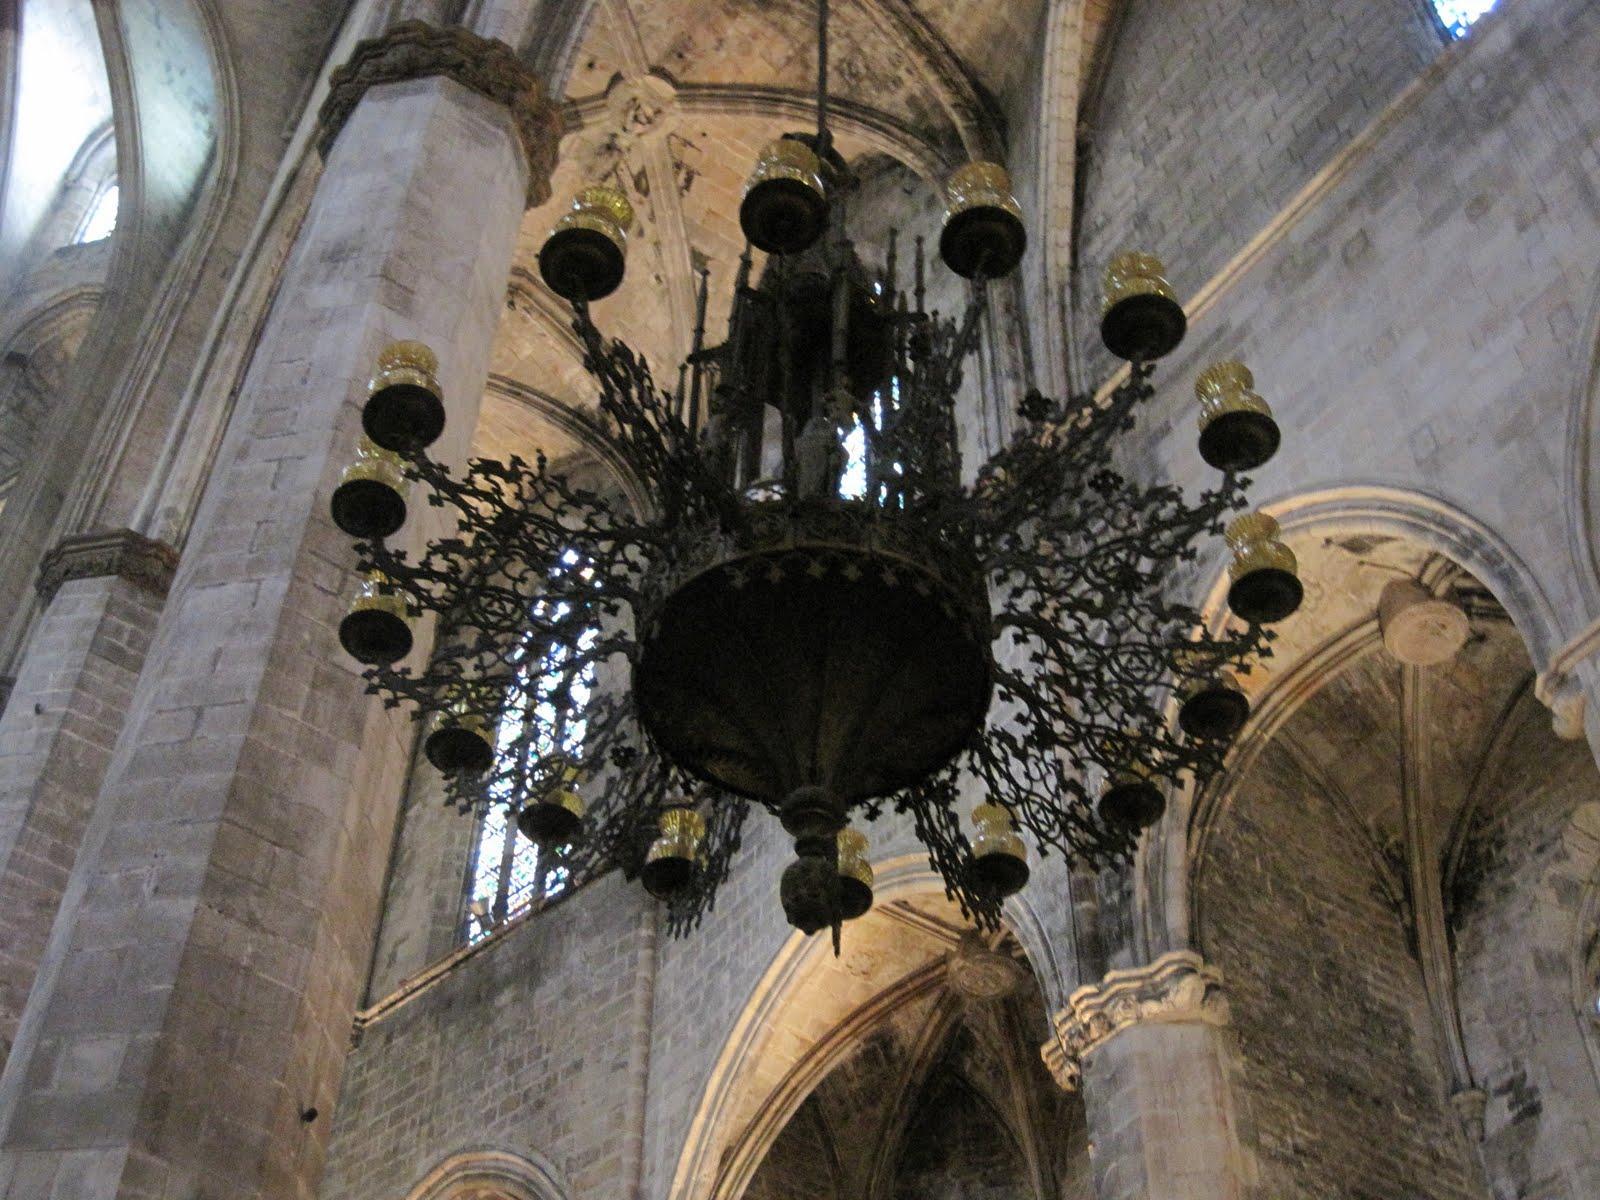 a Gothic church. The decor